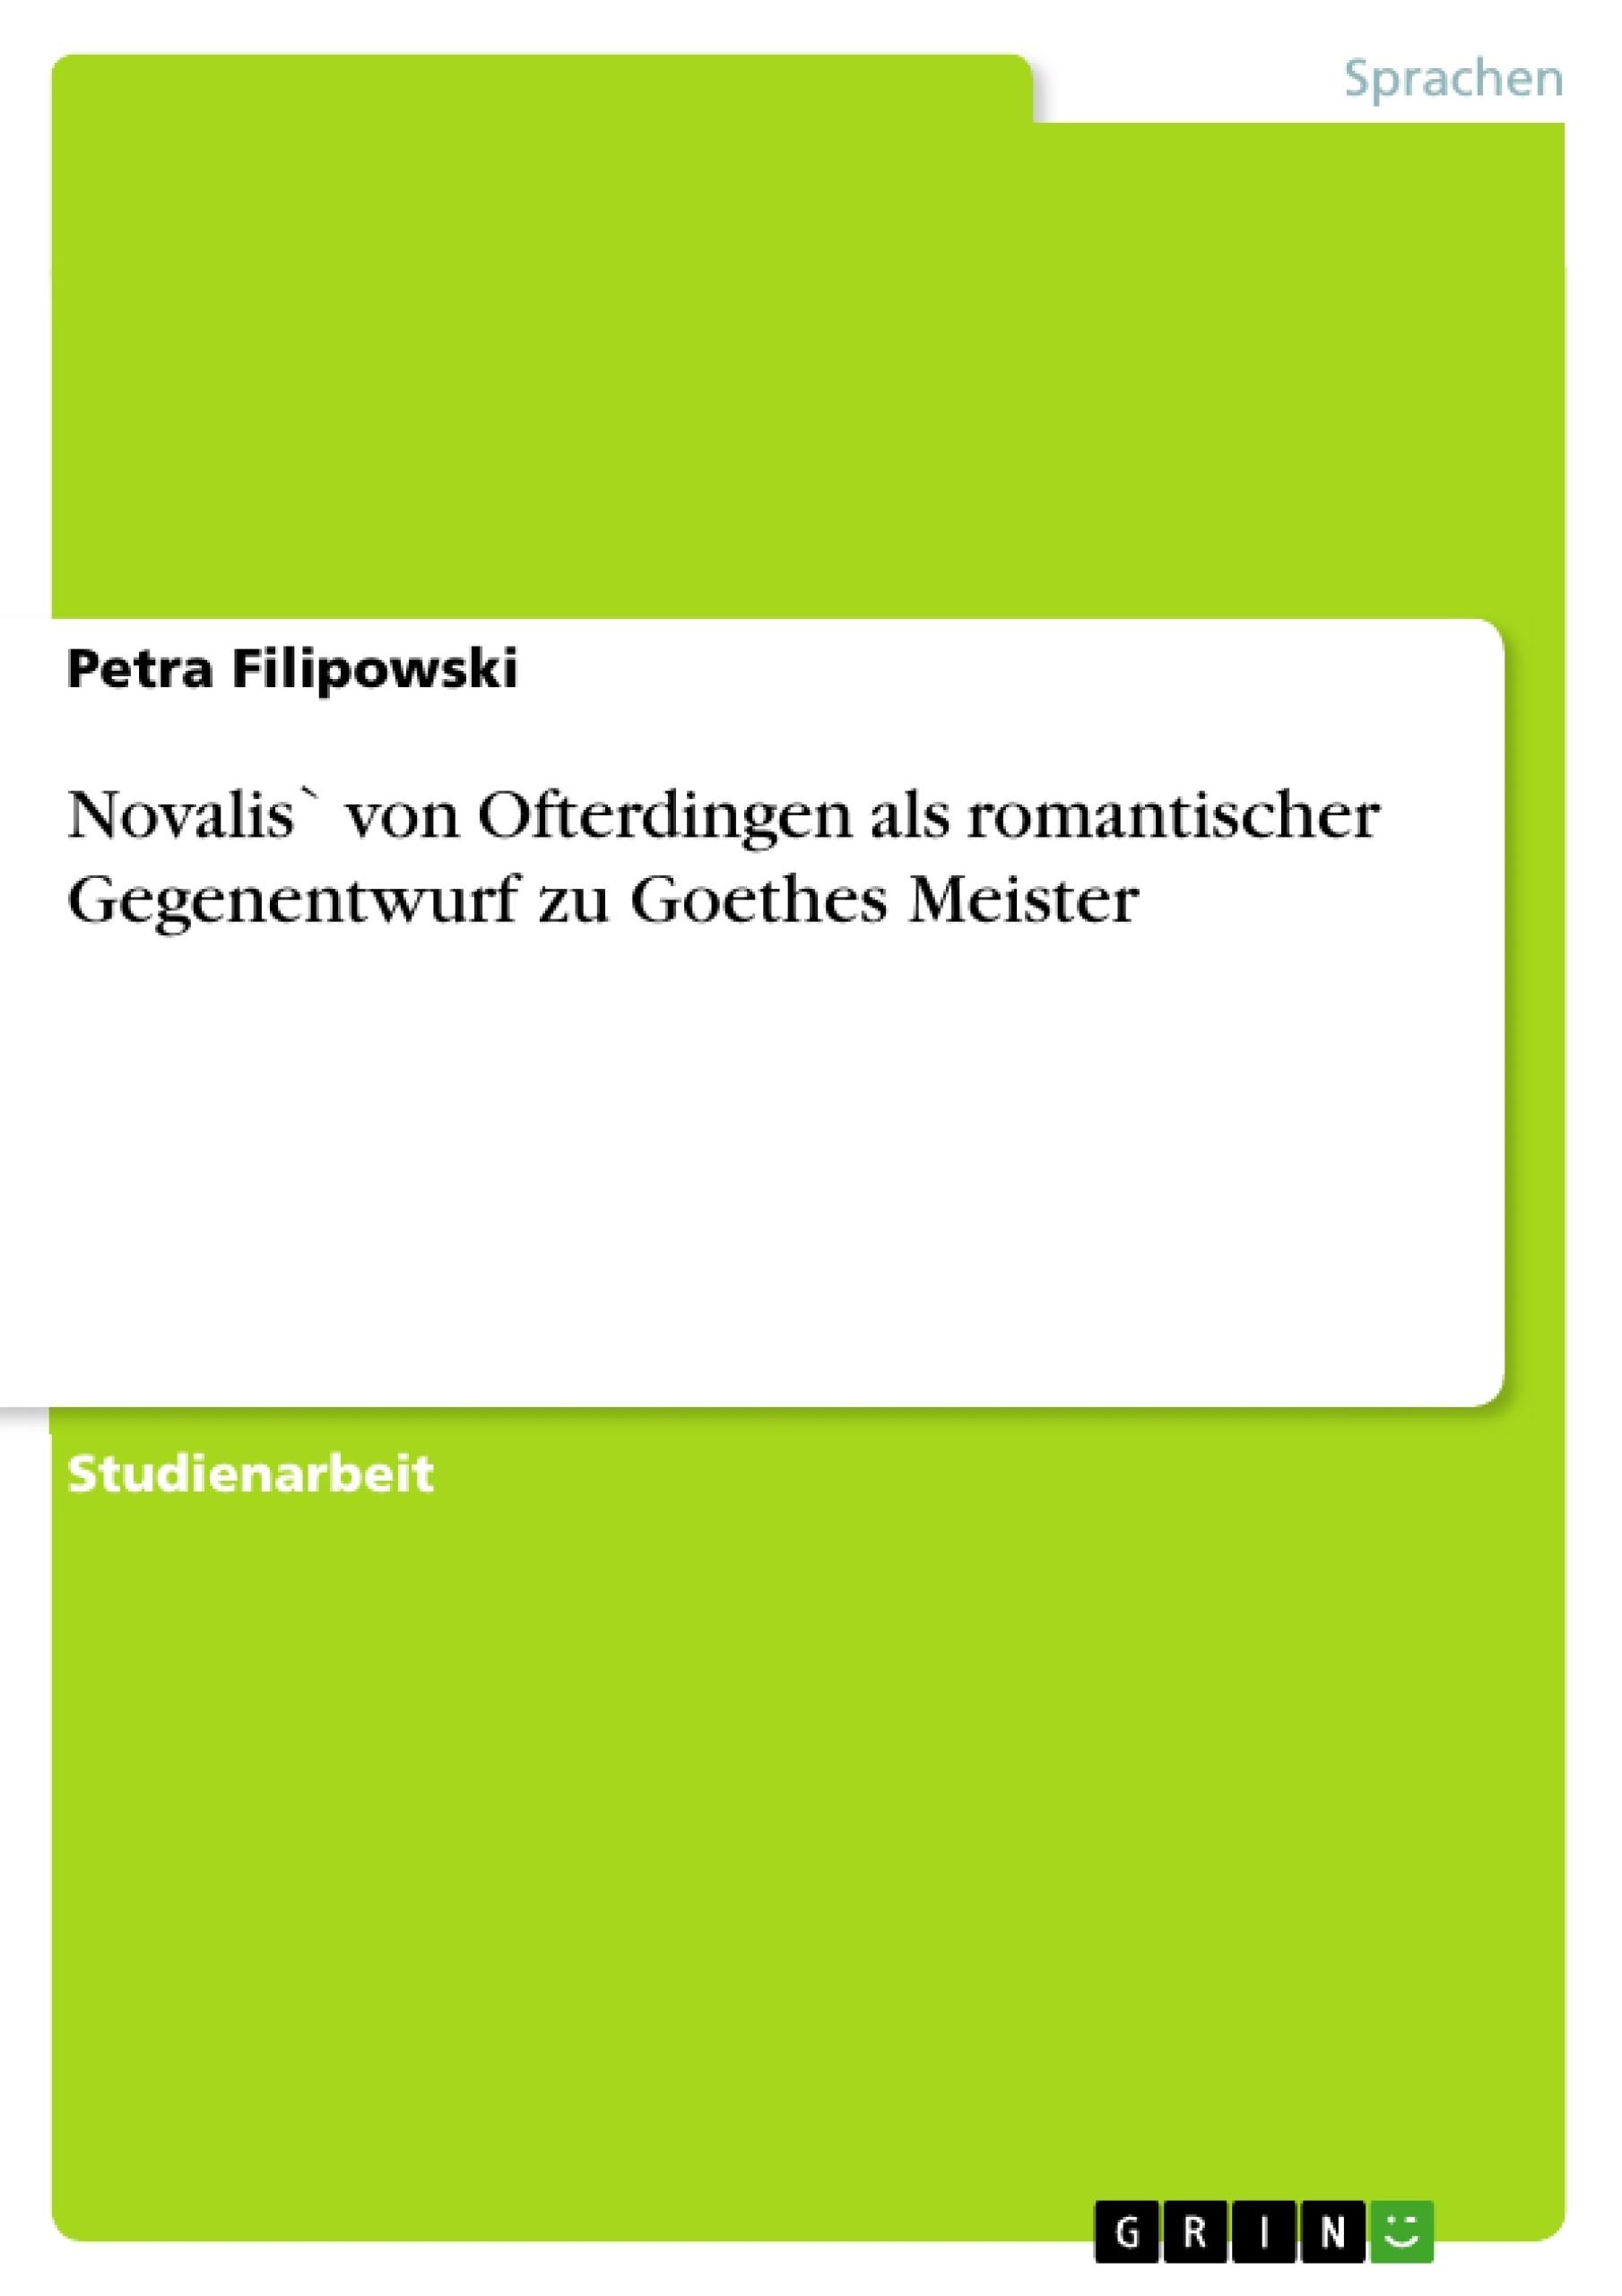 Titel: Novalis` von Ofterdingen als romantischer Gegenentwurf zu Goethes Meister